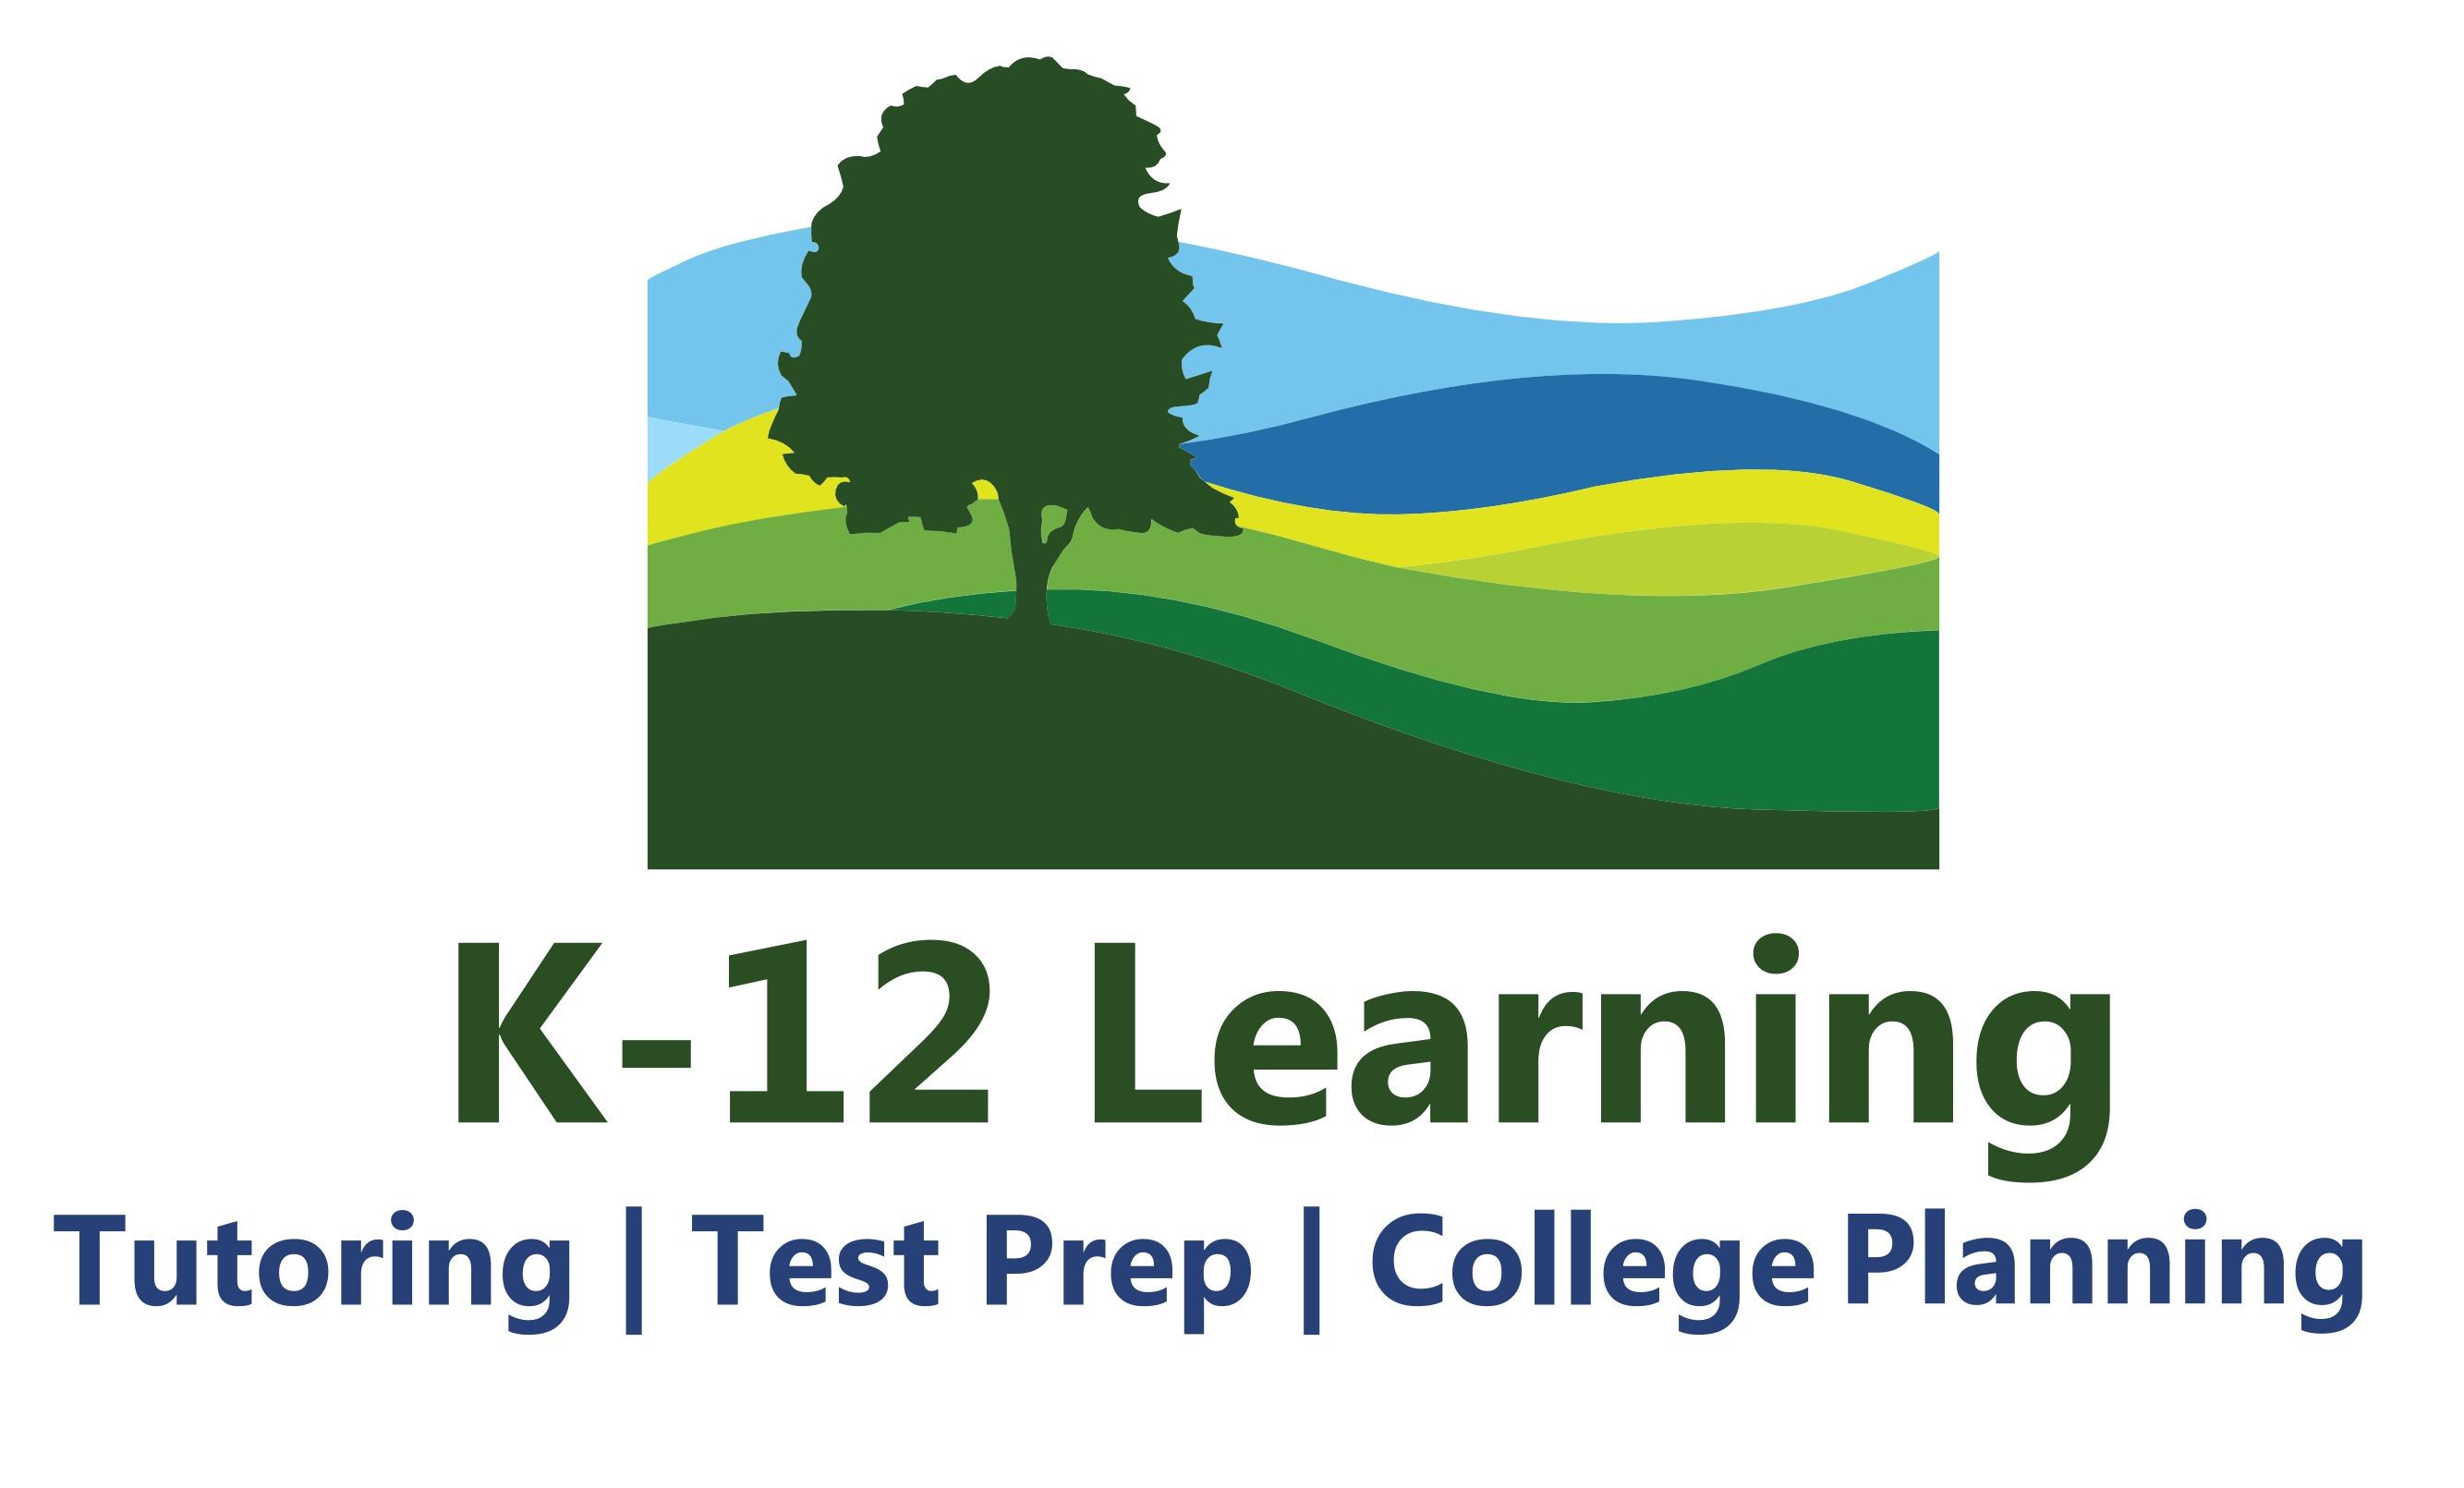 K-12 Learning